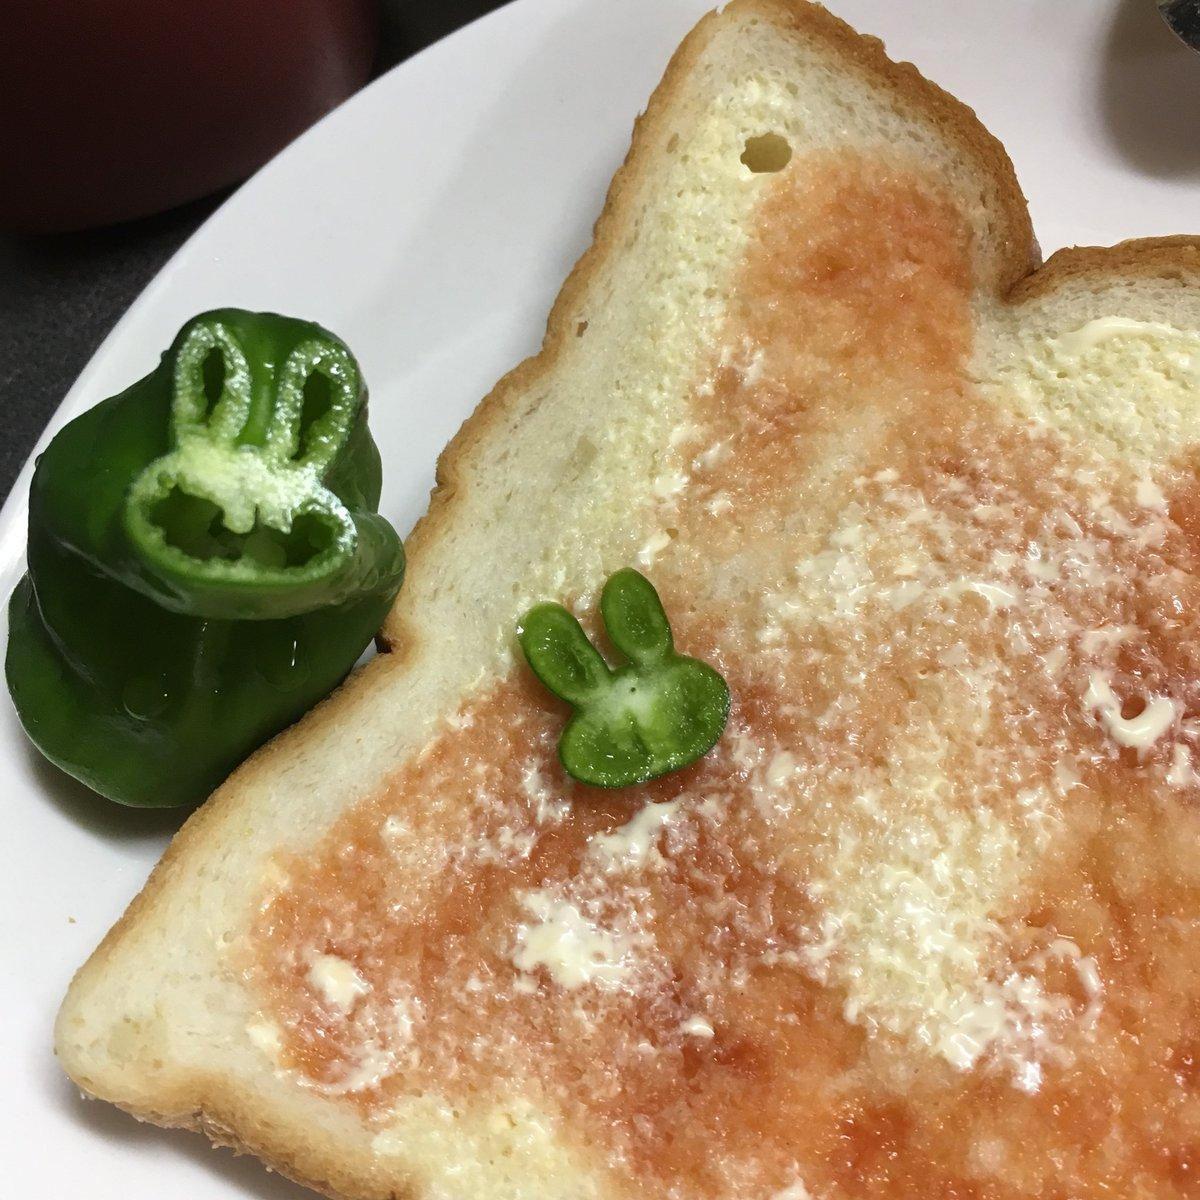 ピザトースト作ろうと思ってピーマン輪切りにしたらなんか可愛いの生まれた🐰